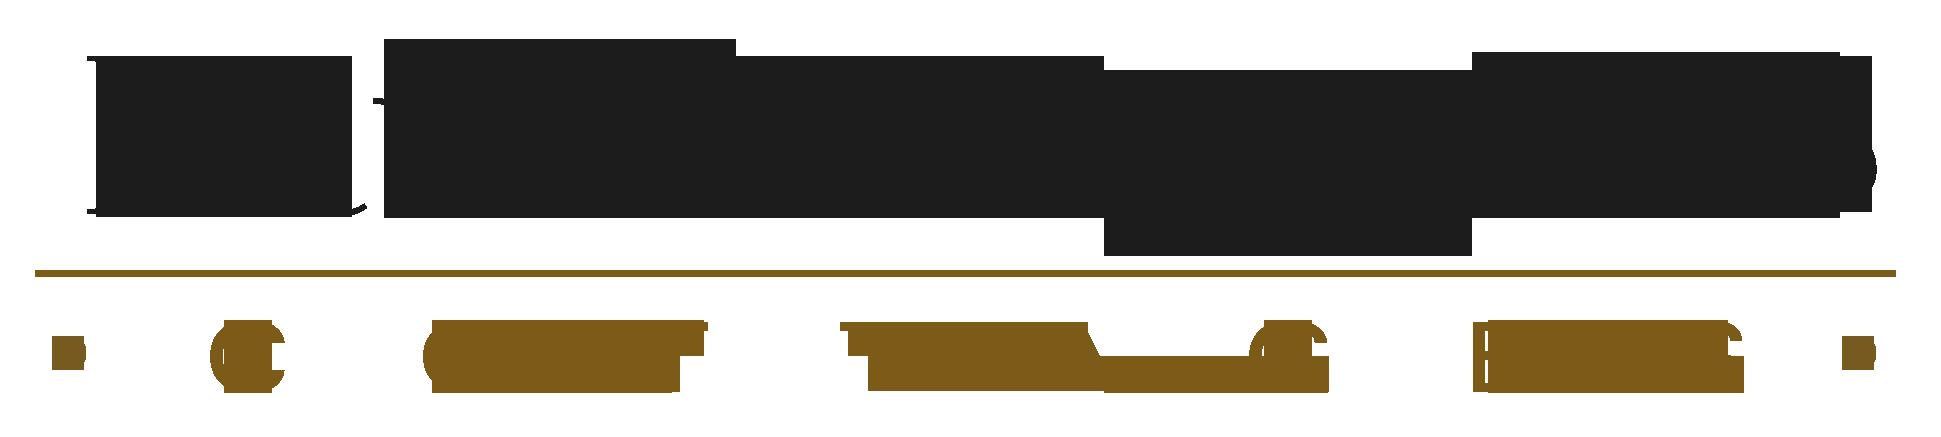 Paul Kruger 63